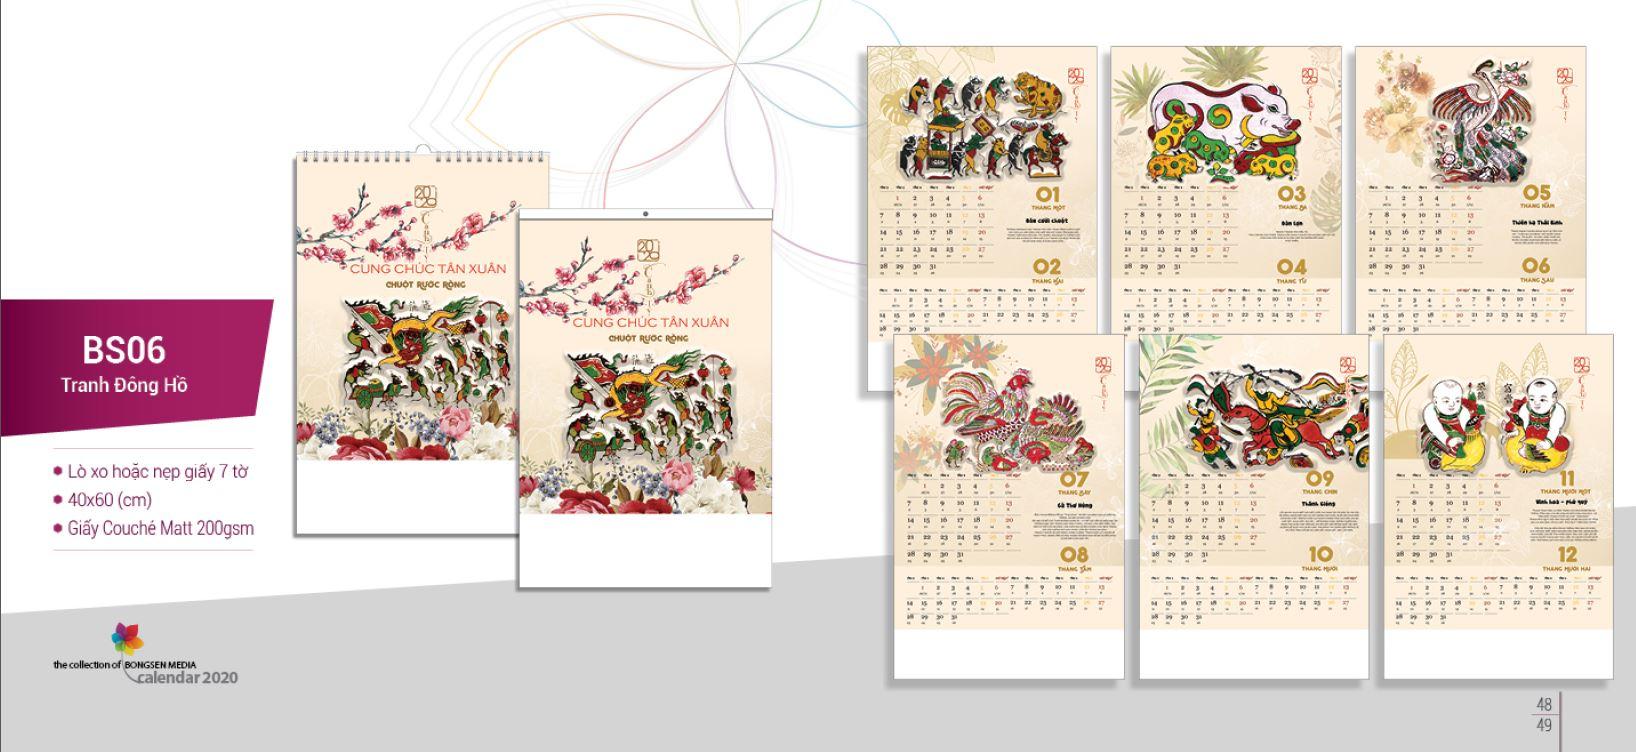 Mẫu lịch Tết treo tường BS 2020 - Tranh Đông Hồ